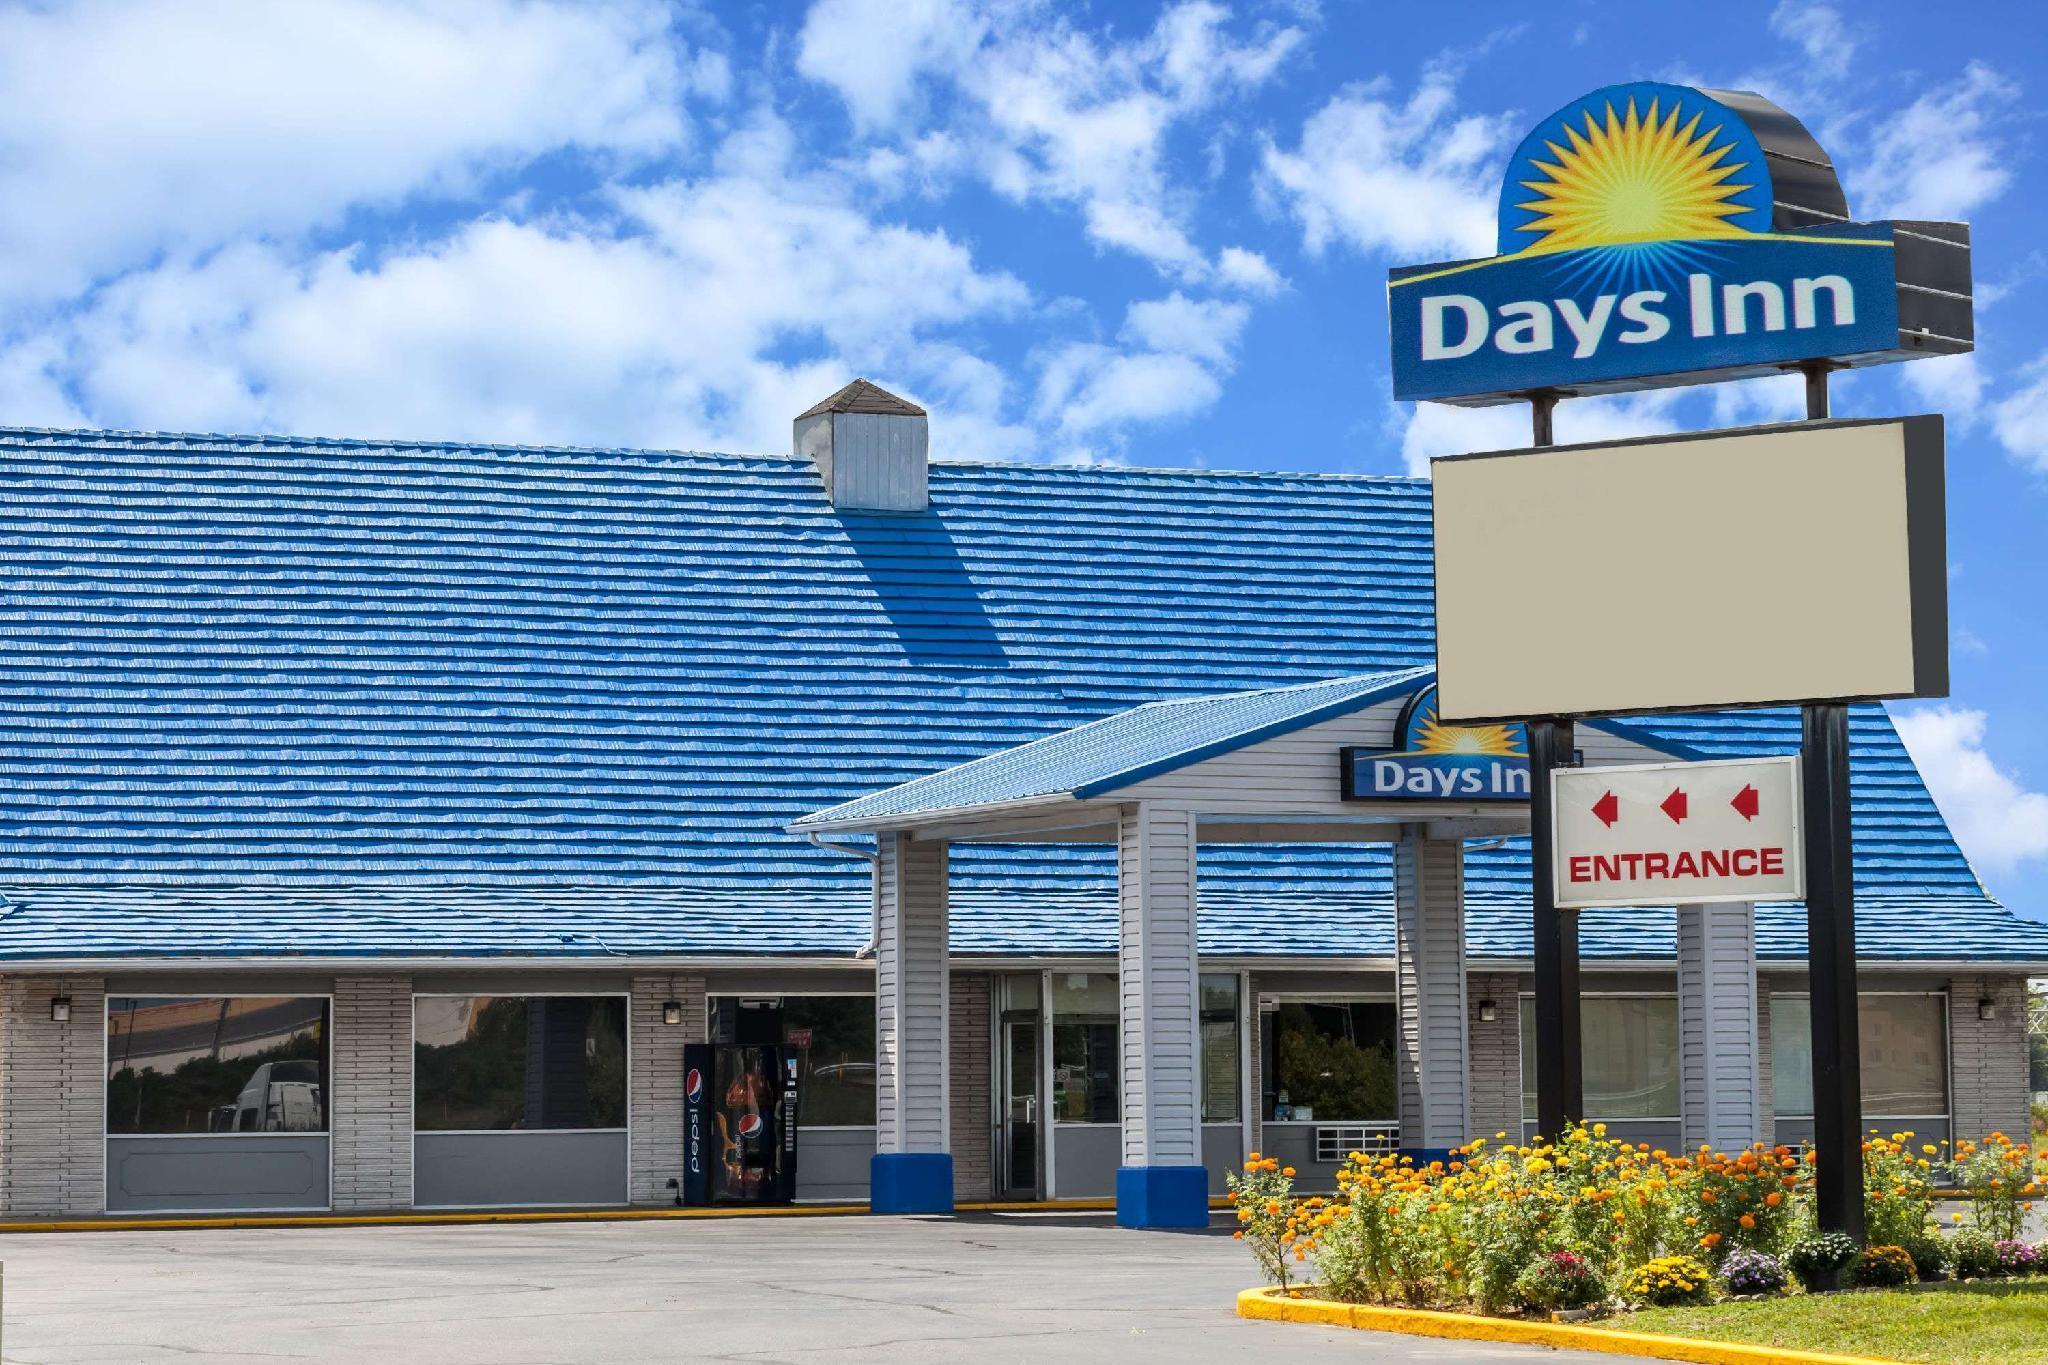 Days Inn By Wyndham Seymour